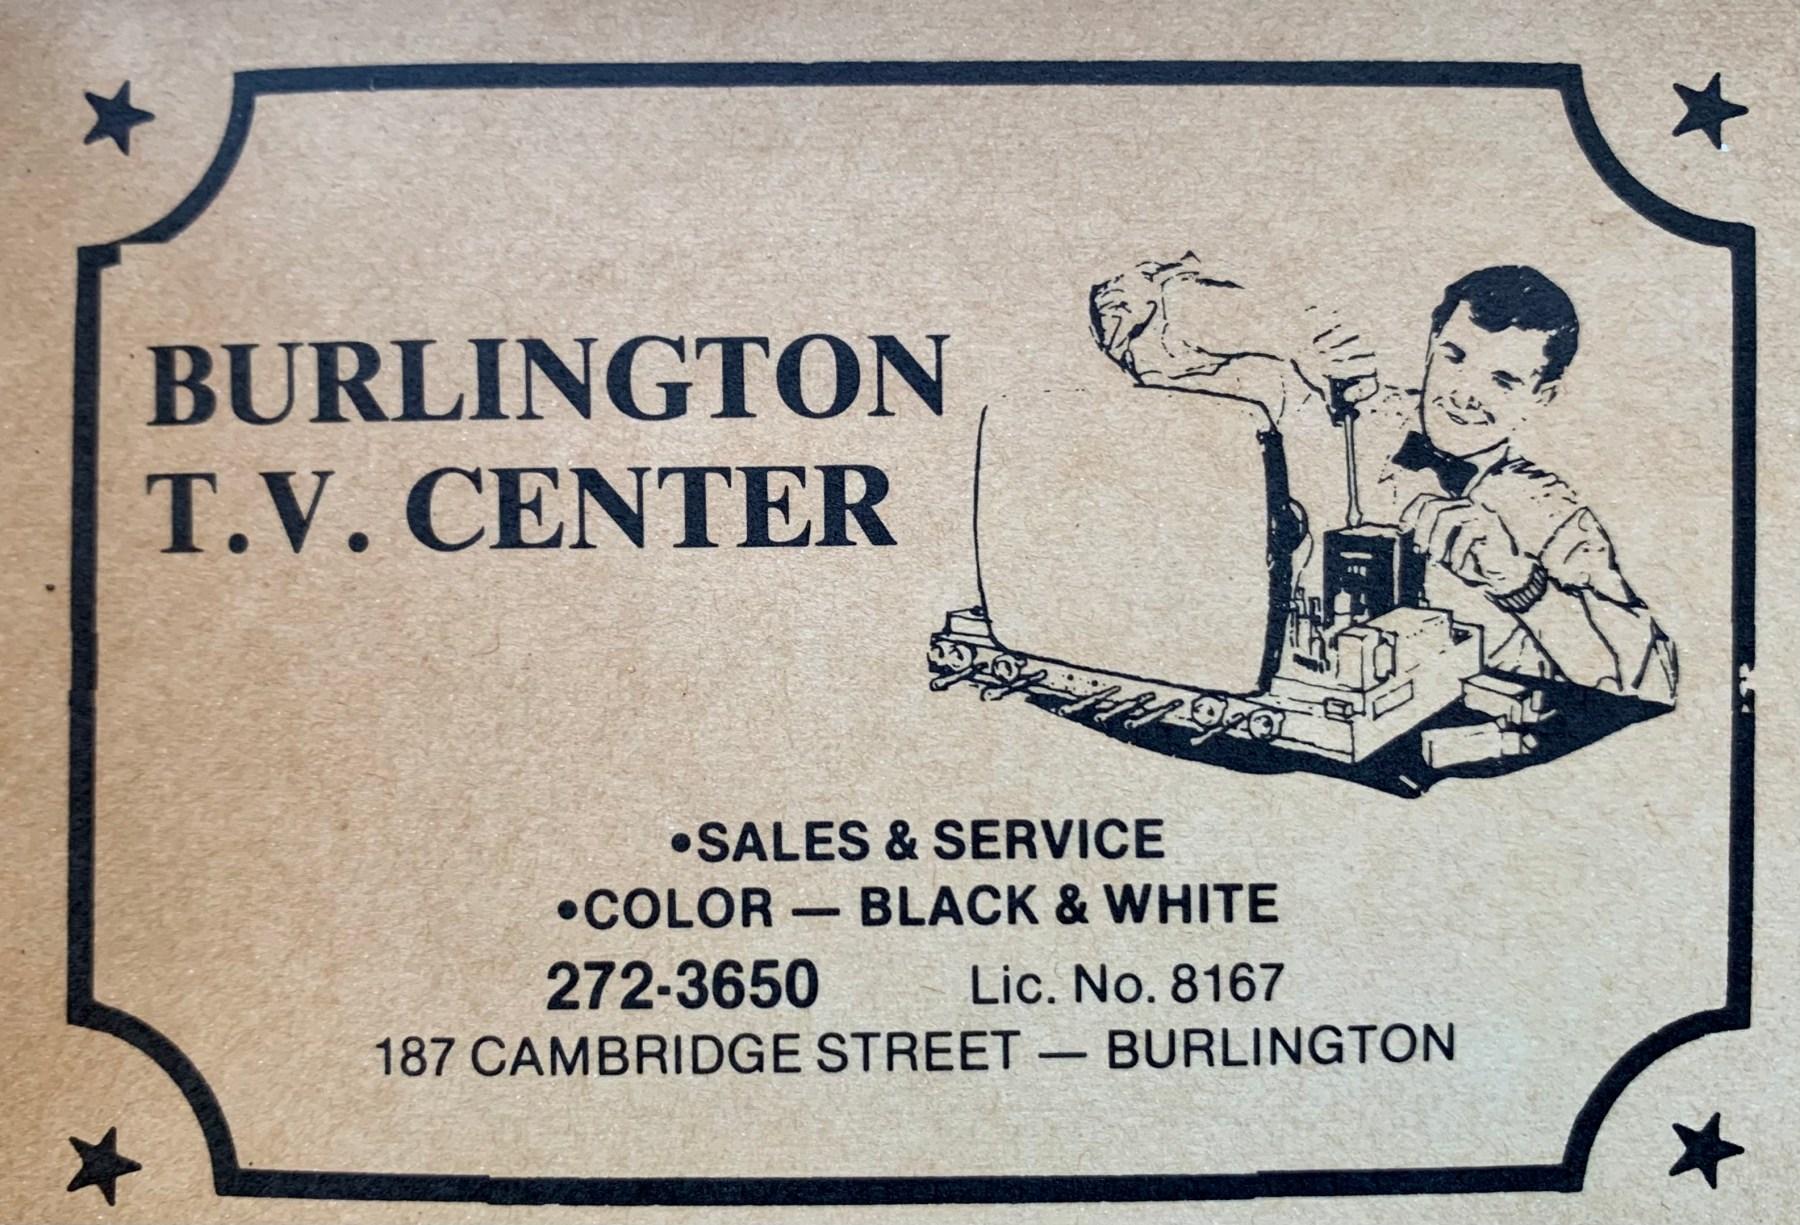 Burlington TV Center, 187 Cambridge Street, Burlington MA